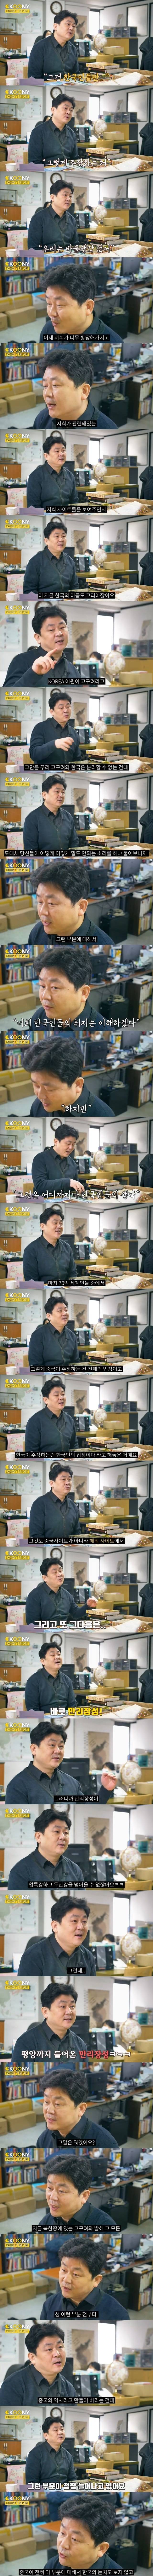 동북공정 근황(3).jpg